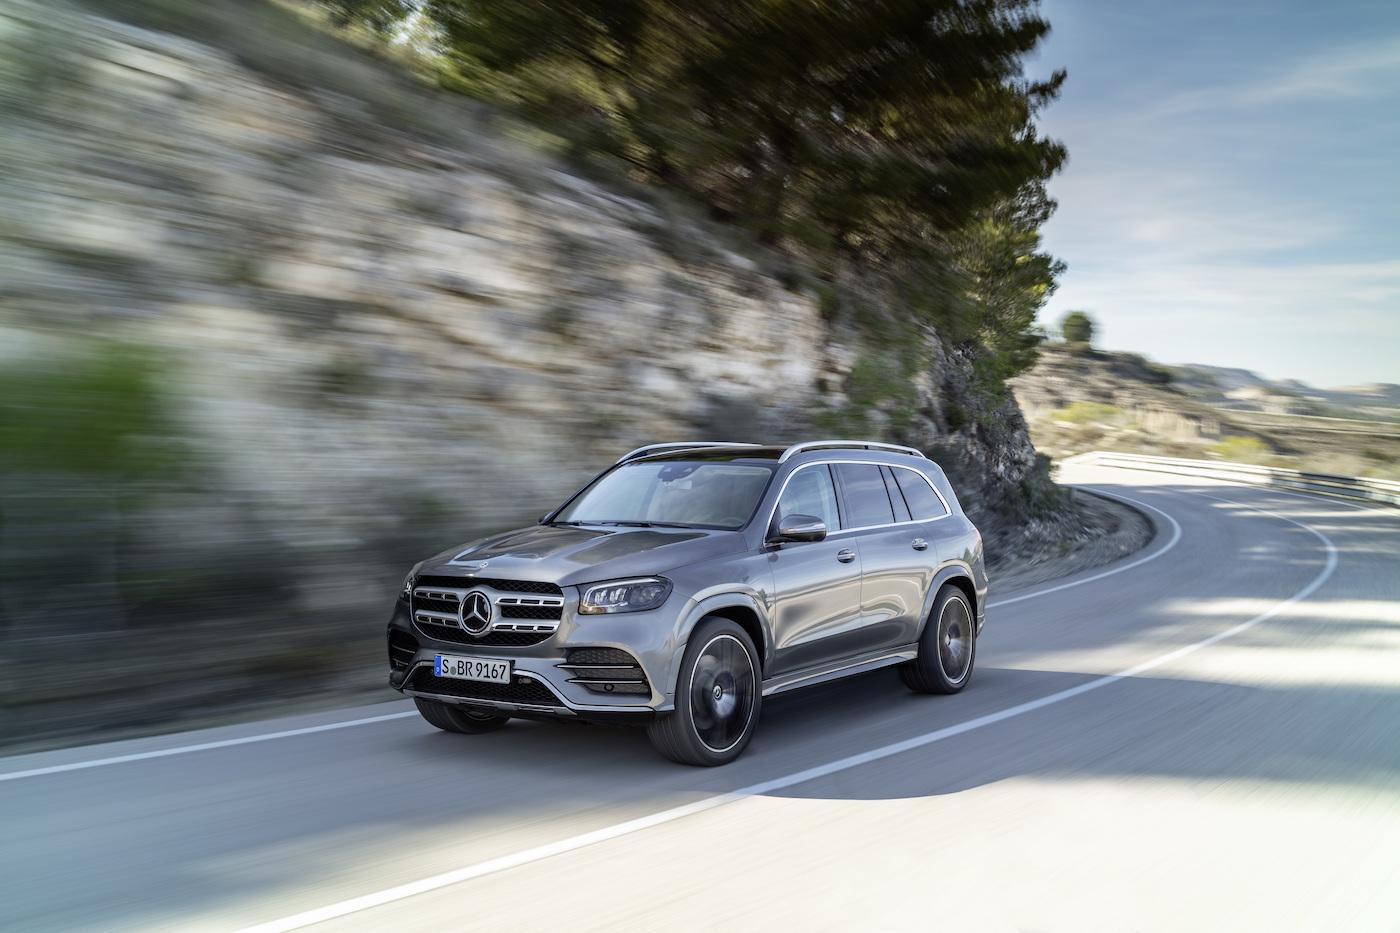 Die S-Klasse unter den SUV: Der neue Mercedes-Benz GLS 10